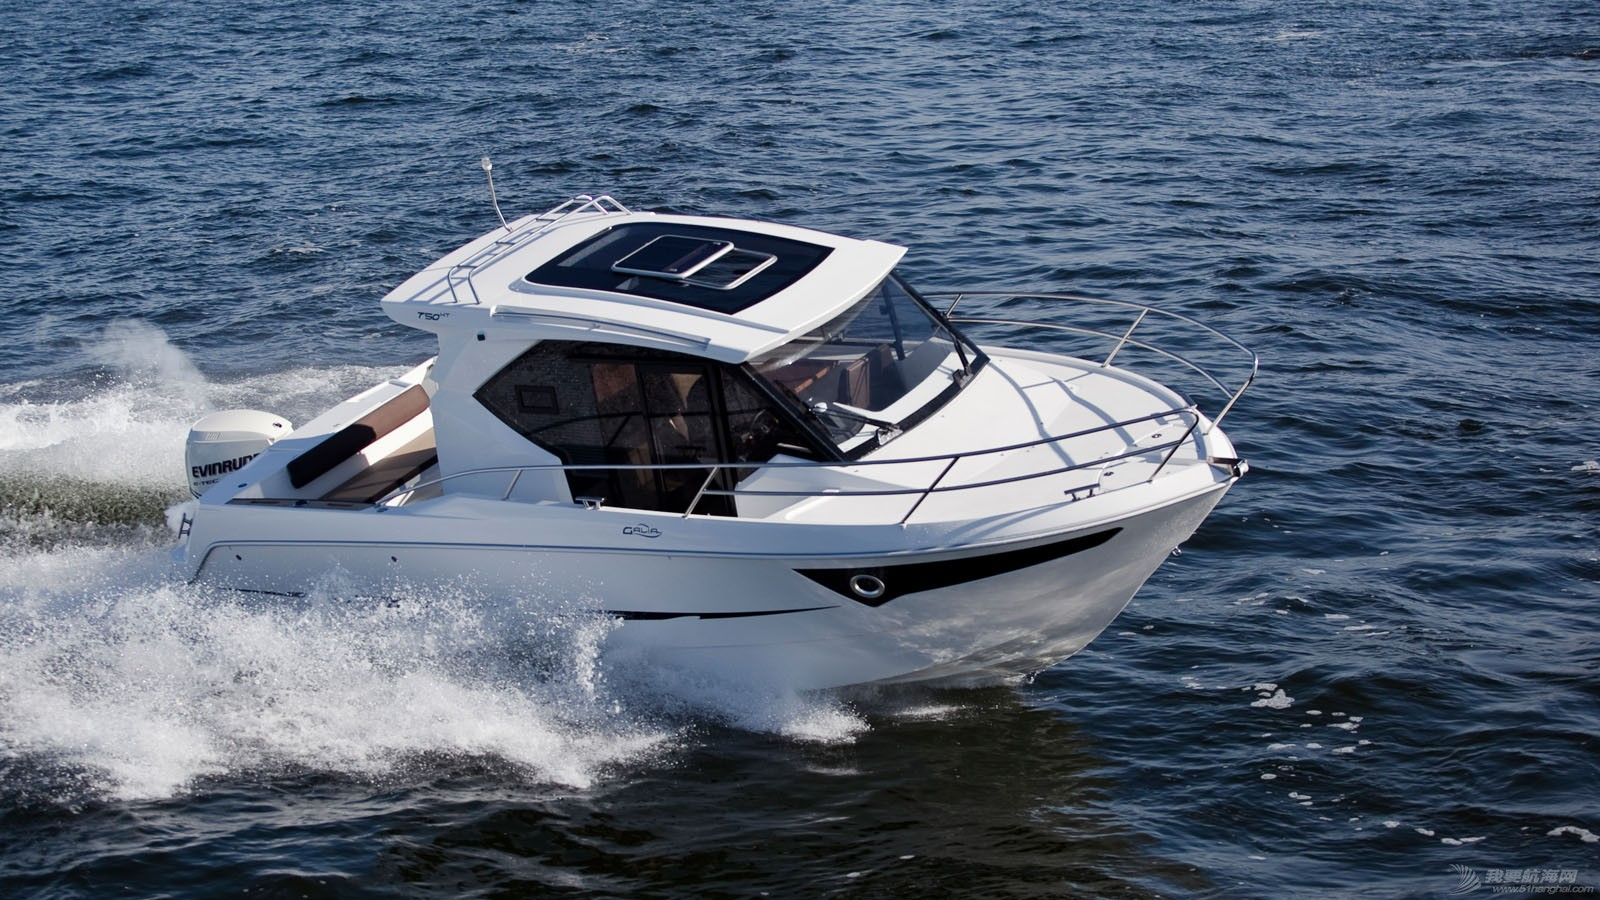 进口 波兰进口Galia 750 Hardtop硬顶钓鱼艇出售 _MG_4246wide